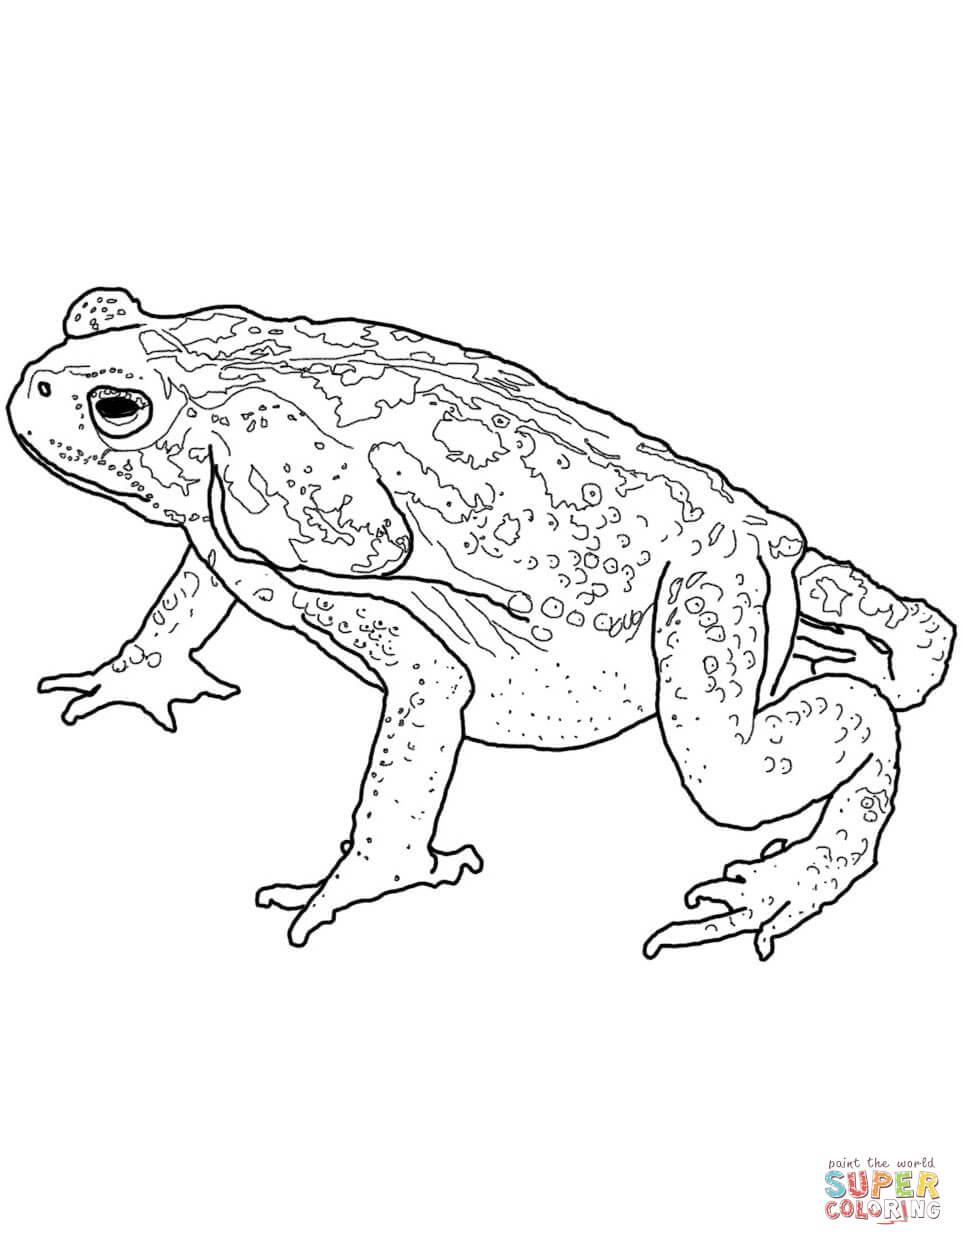 Colorado River Or Sonoran Desert Toad Coloring Page